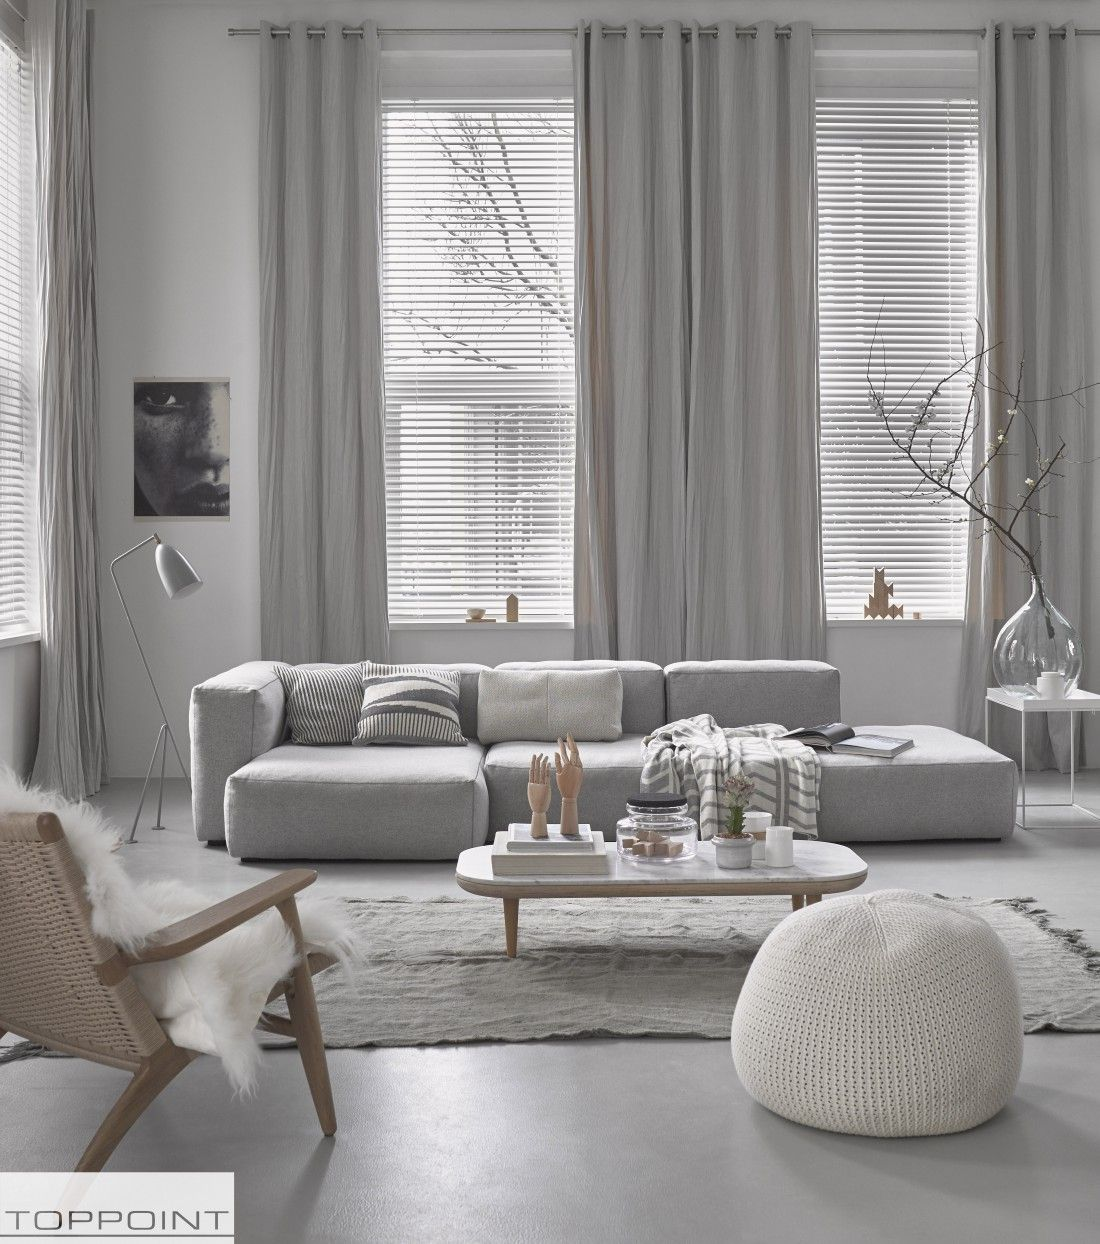 Raamdecoratie - Mignonvandebunt.nl